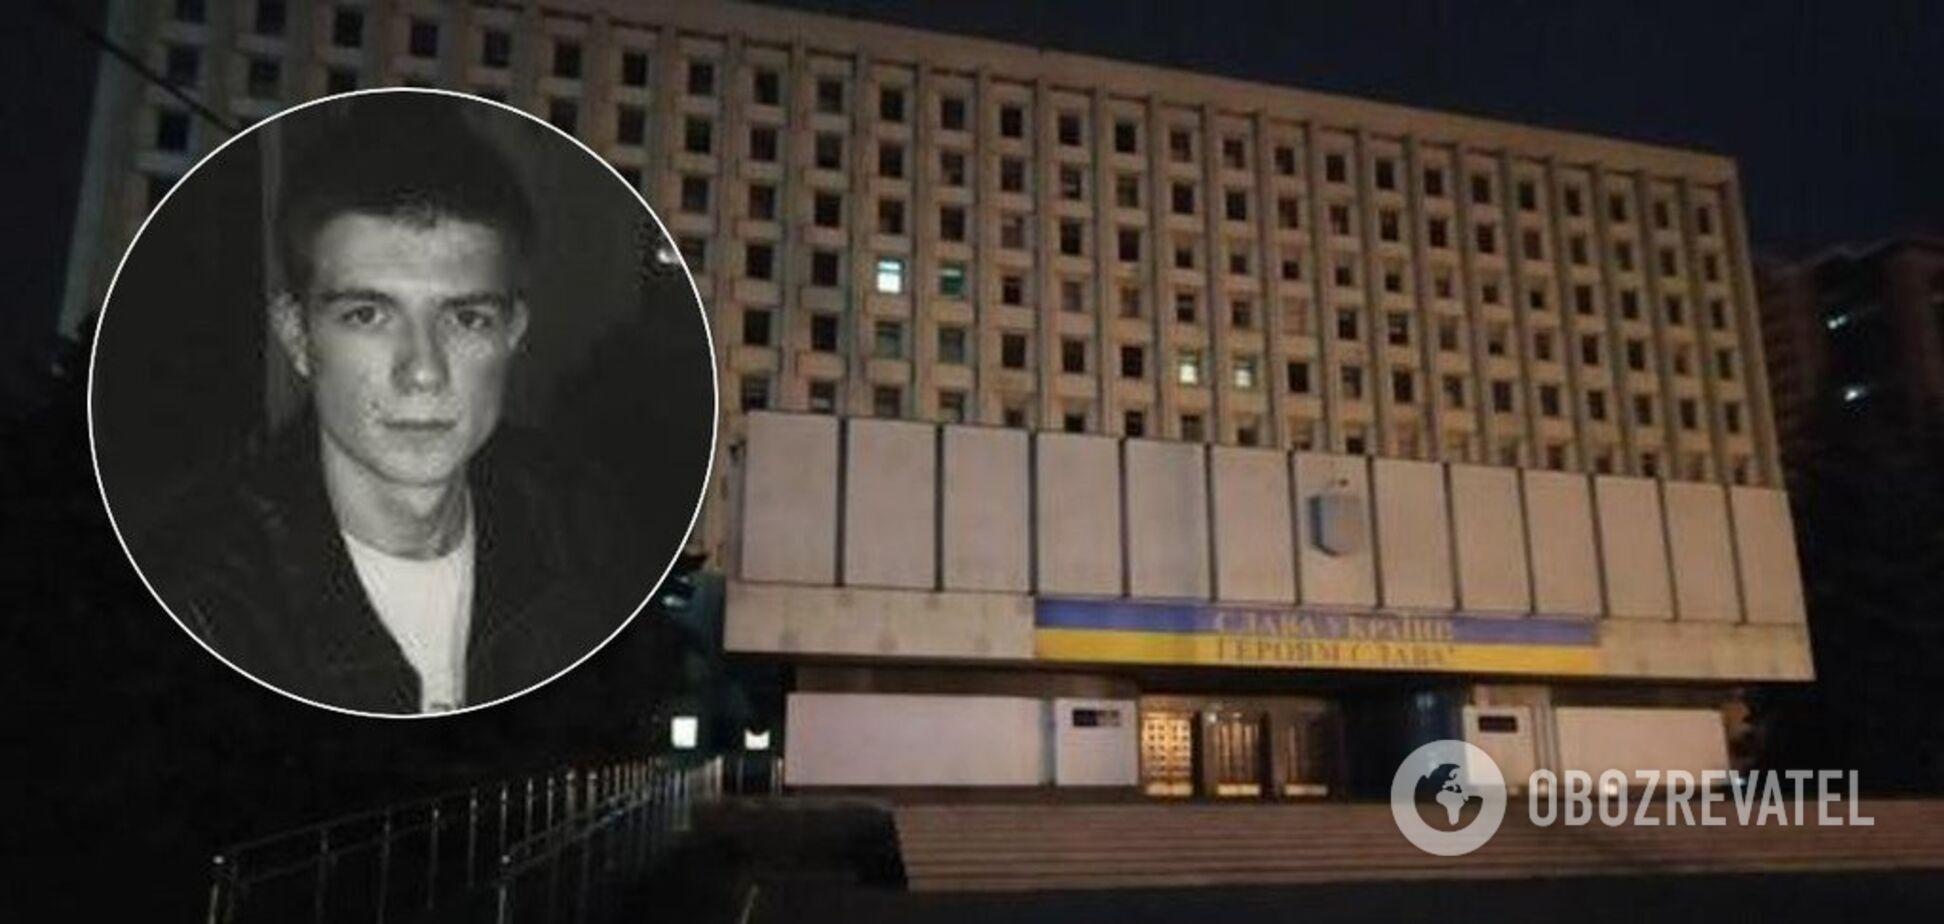 Ніс чергування в ЦВК: стали відомі подробиці про самогубство працівника УДО